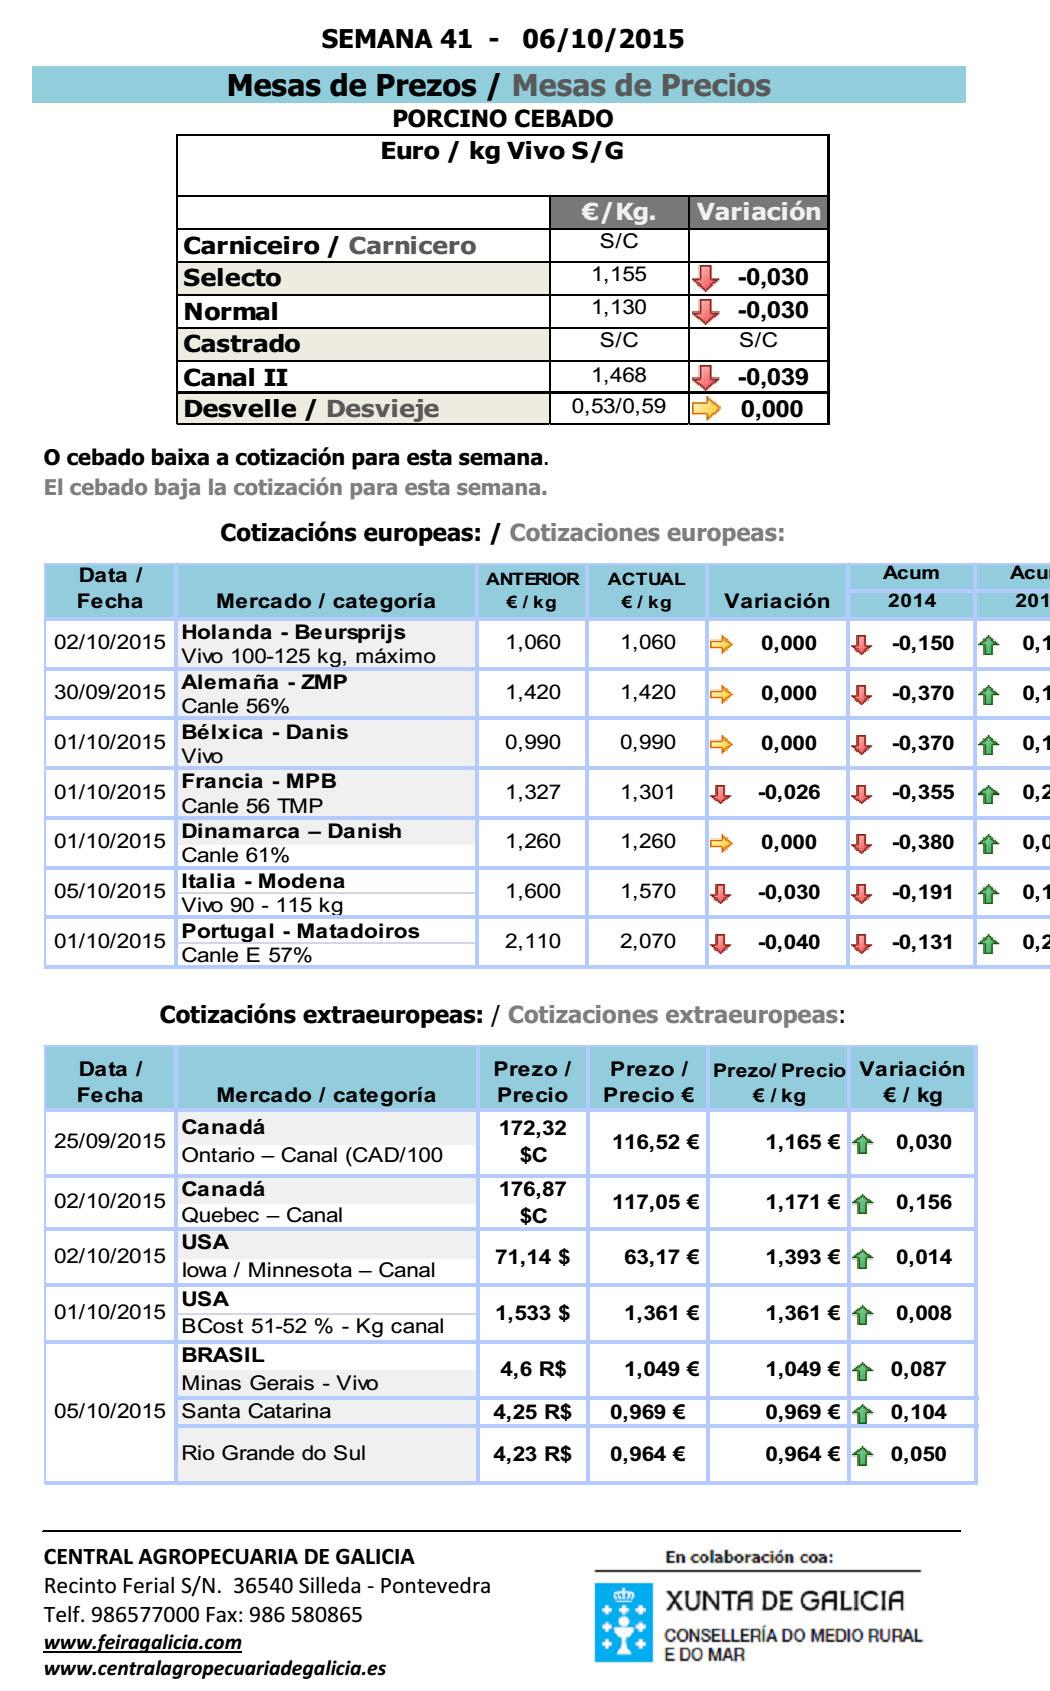 COTIZACIONS_PORCINO_ESPAÑA_6_OUTUBRO_2015